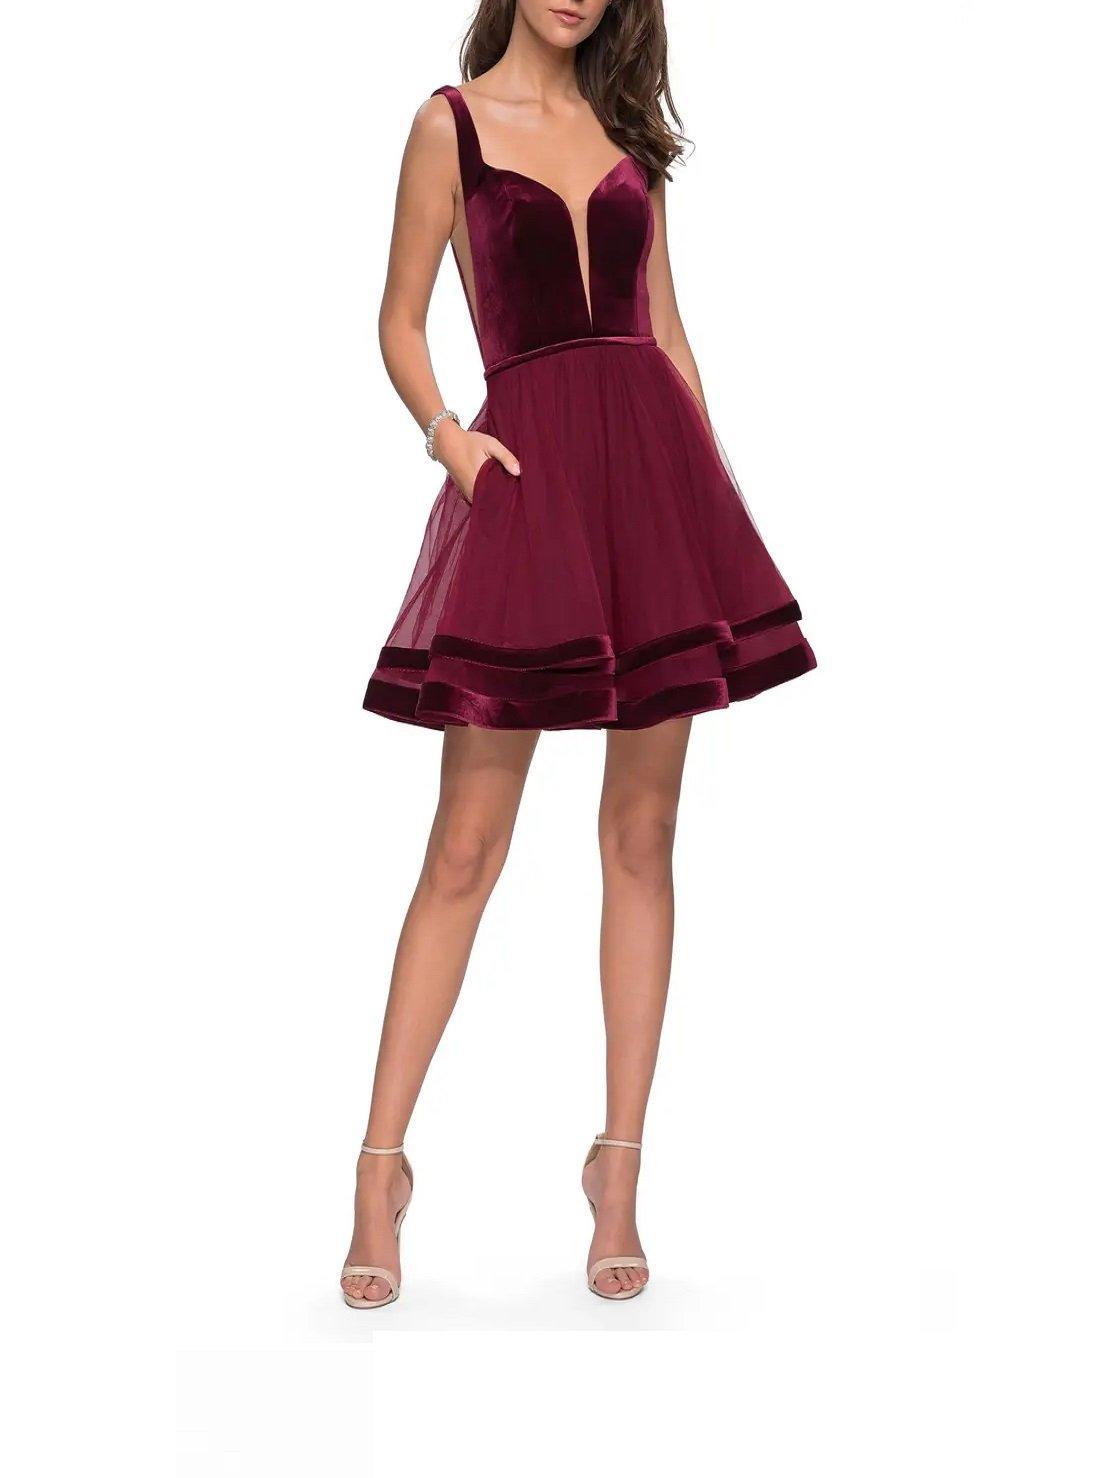 Velvet & Tulle Cocktail Dress